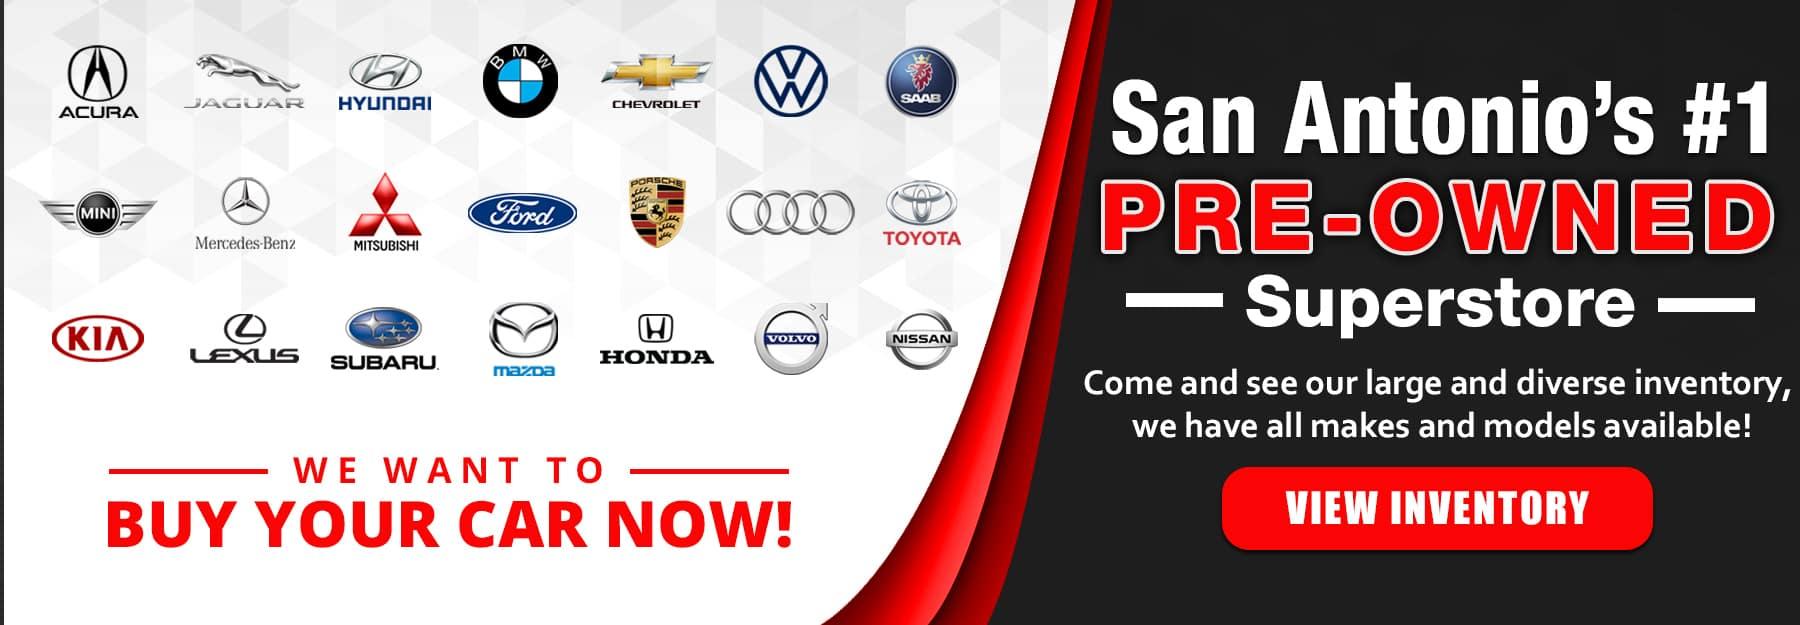 we want buy your car san antonio